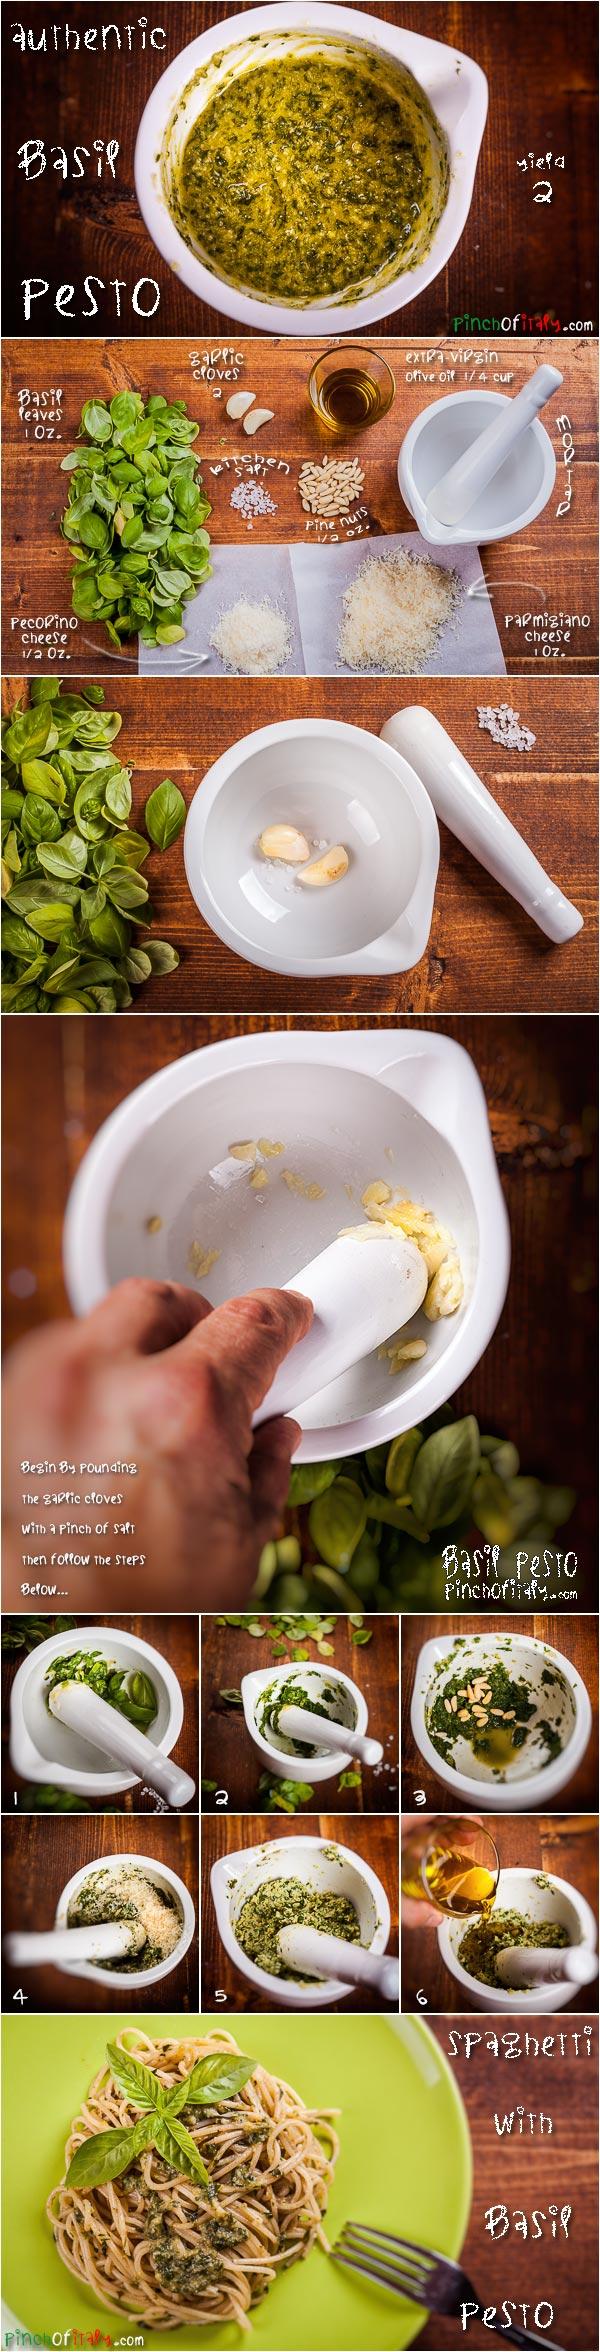 Authentic Basil Pesto Recipe